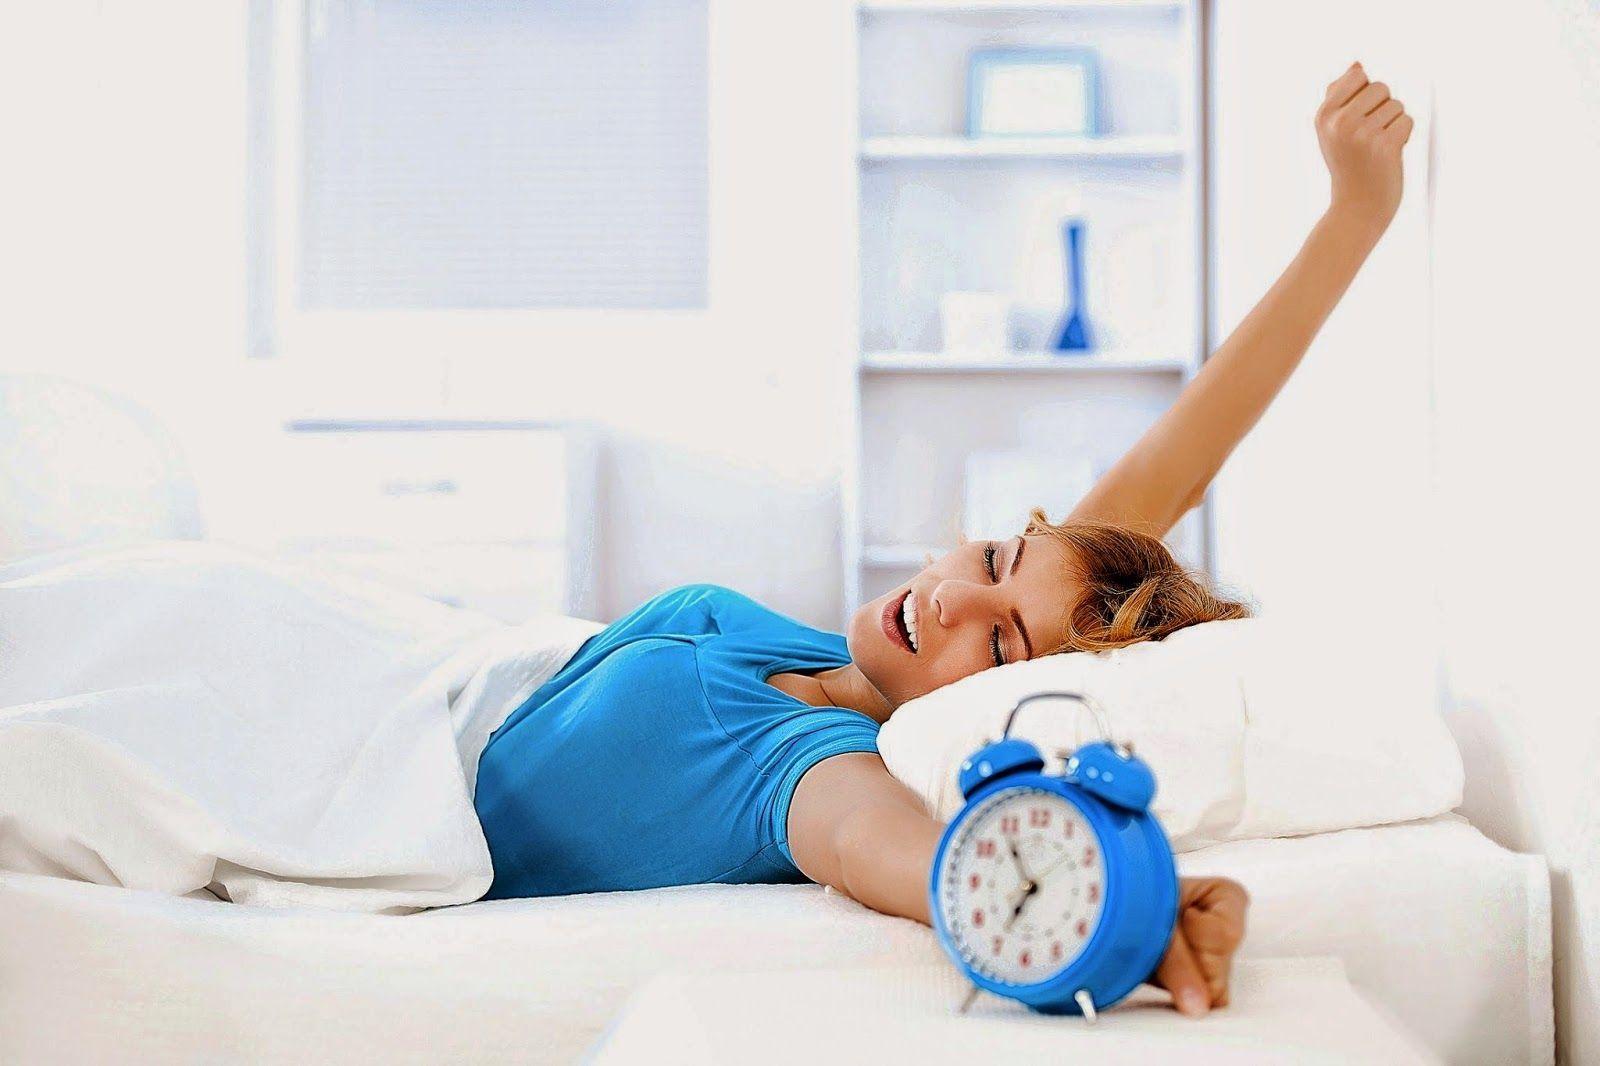 Ecco perché dormire meno migliorerà il vostro stile